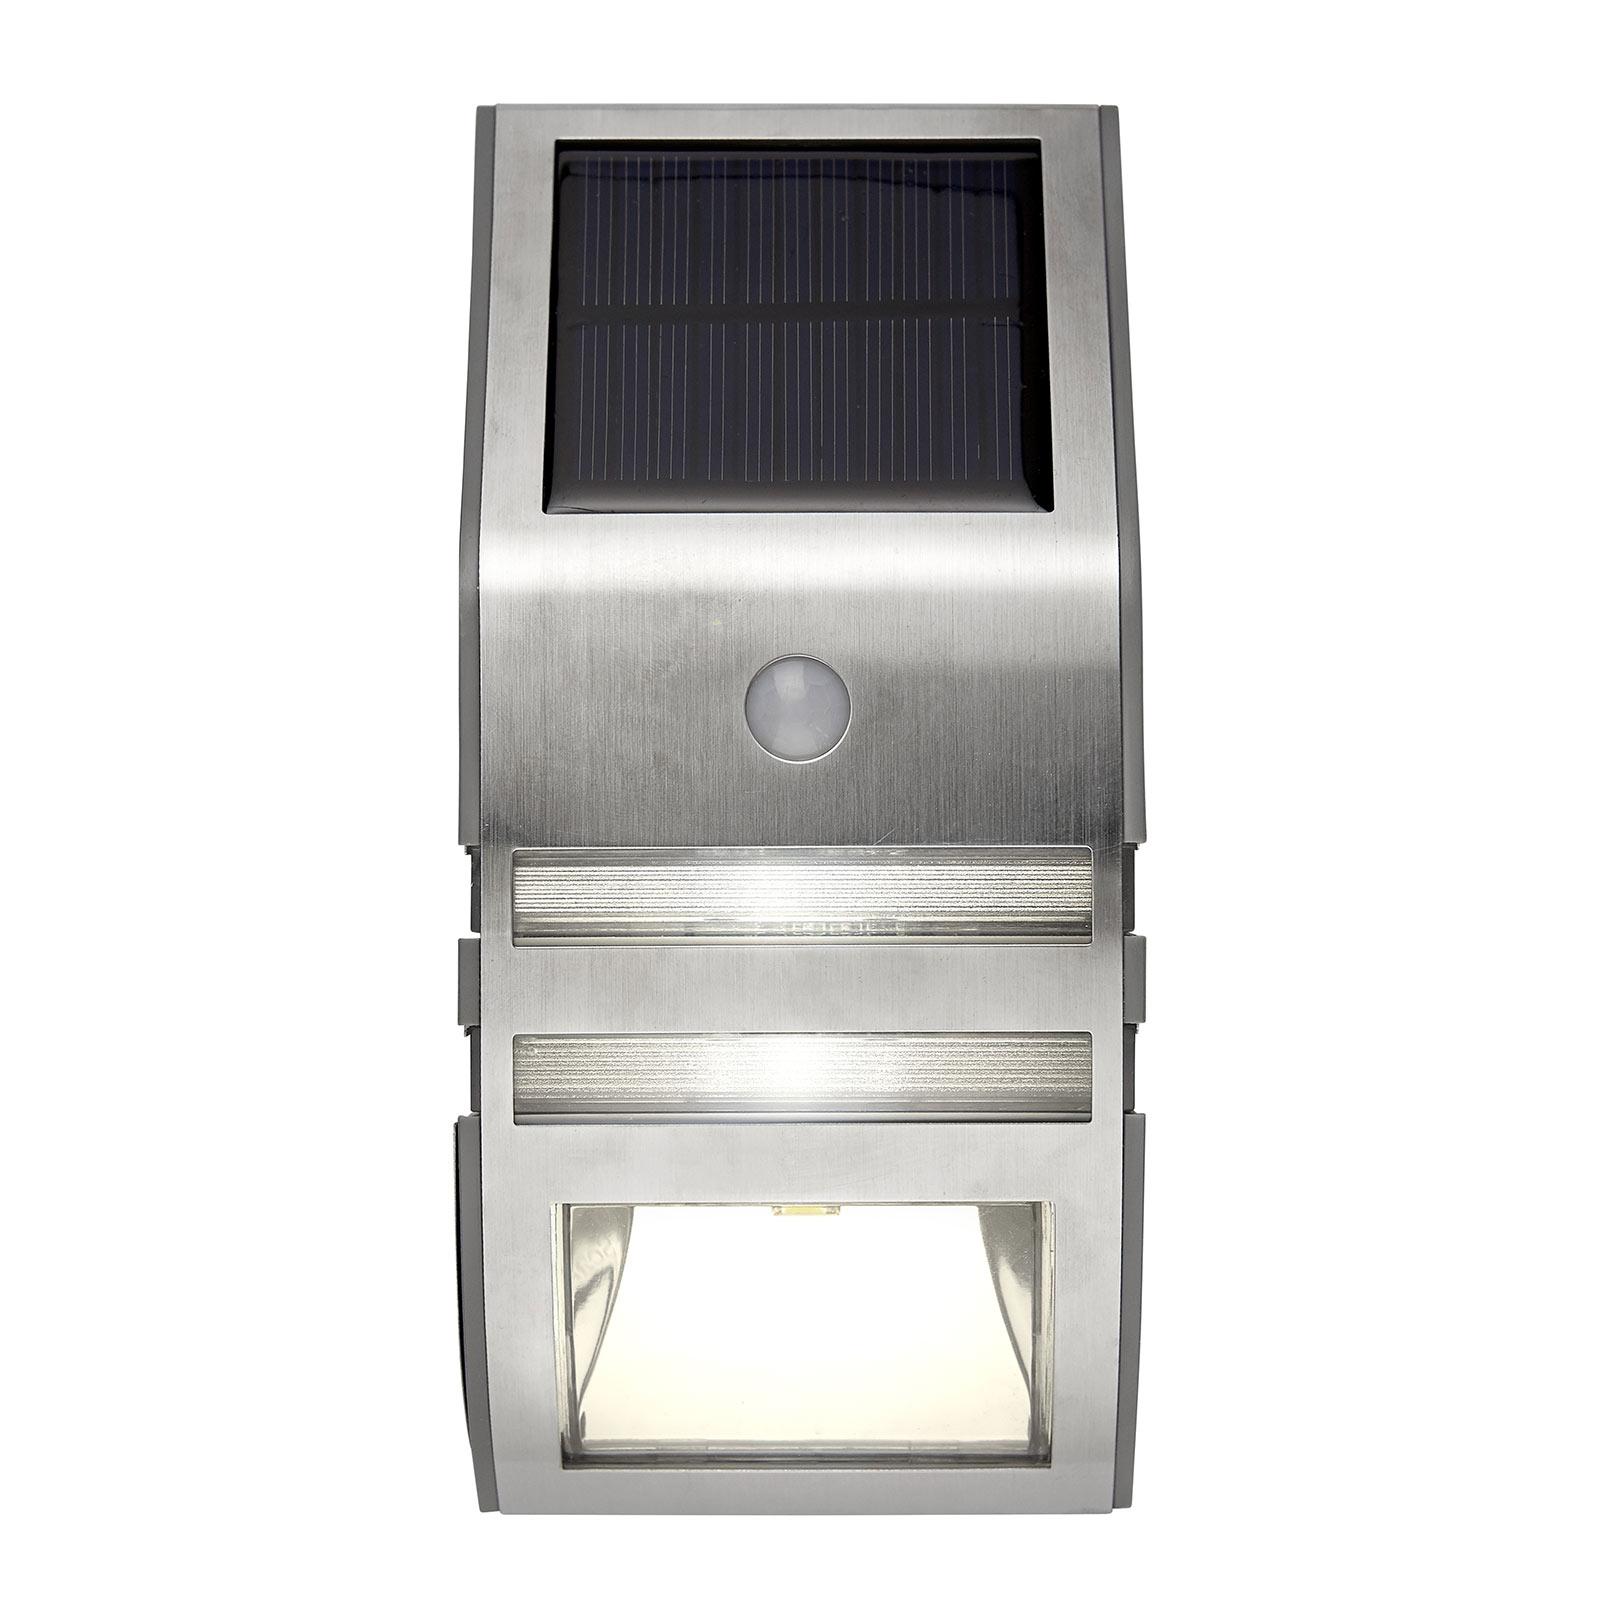 LED-Solarwandleuchte Wally, BWM